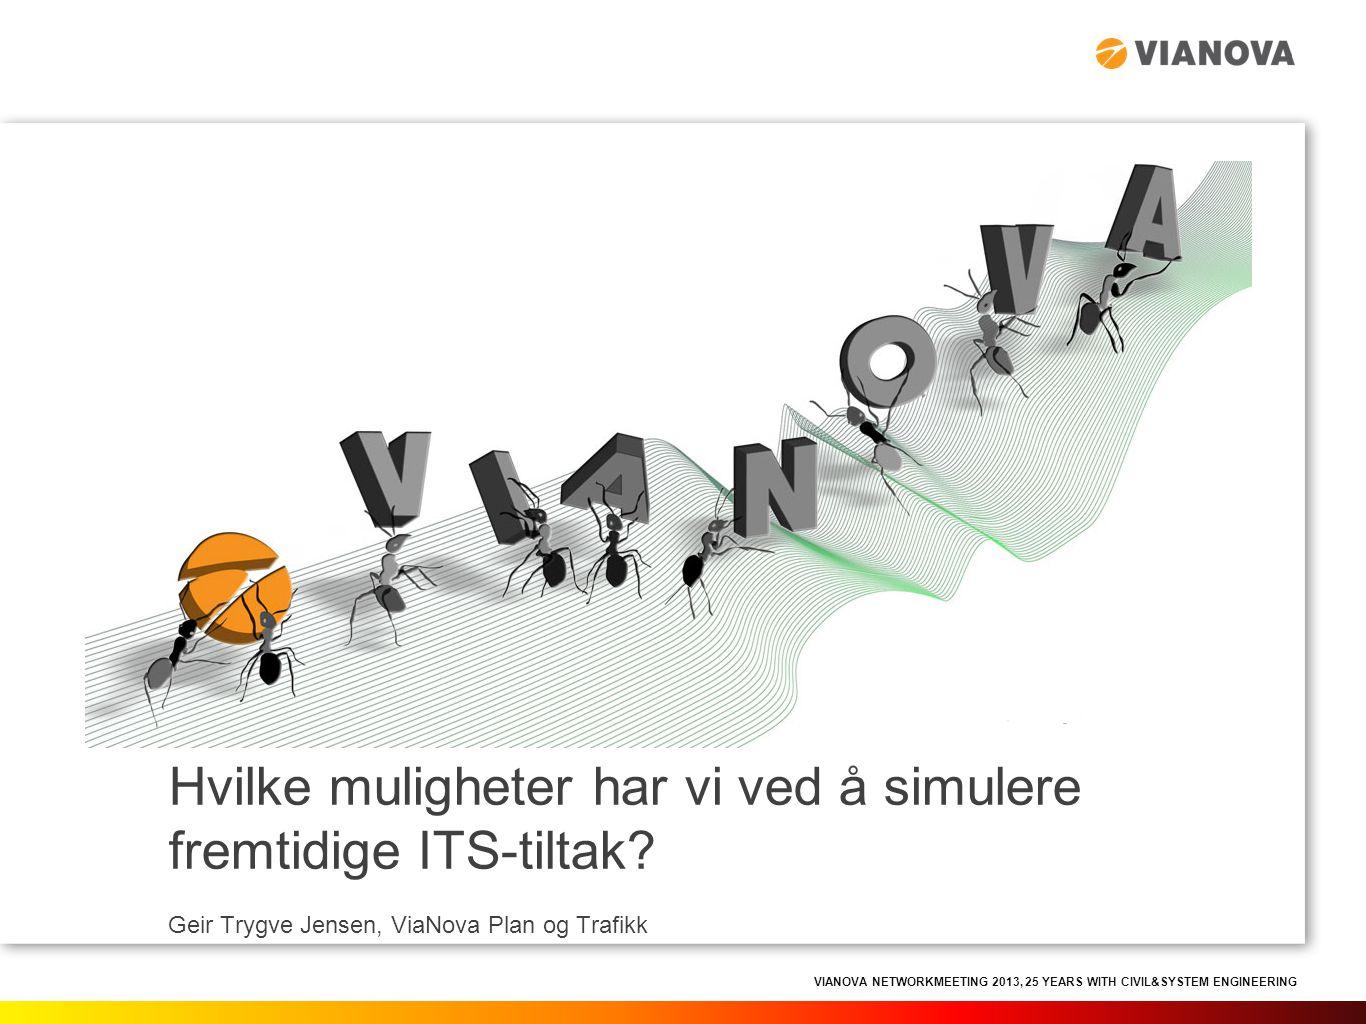 VIANOVA NETWORKMEETING 2013, 25 YEARS WITH CIVIL&SYSTEM ENGINEERING Hvilke muligheter har vi ved å simulere fremtidige ITS-tiltak? Geir Trygve Jensen,